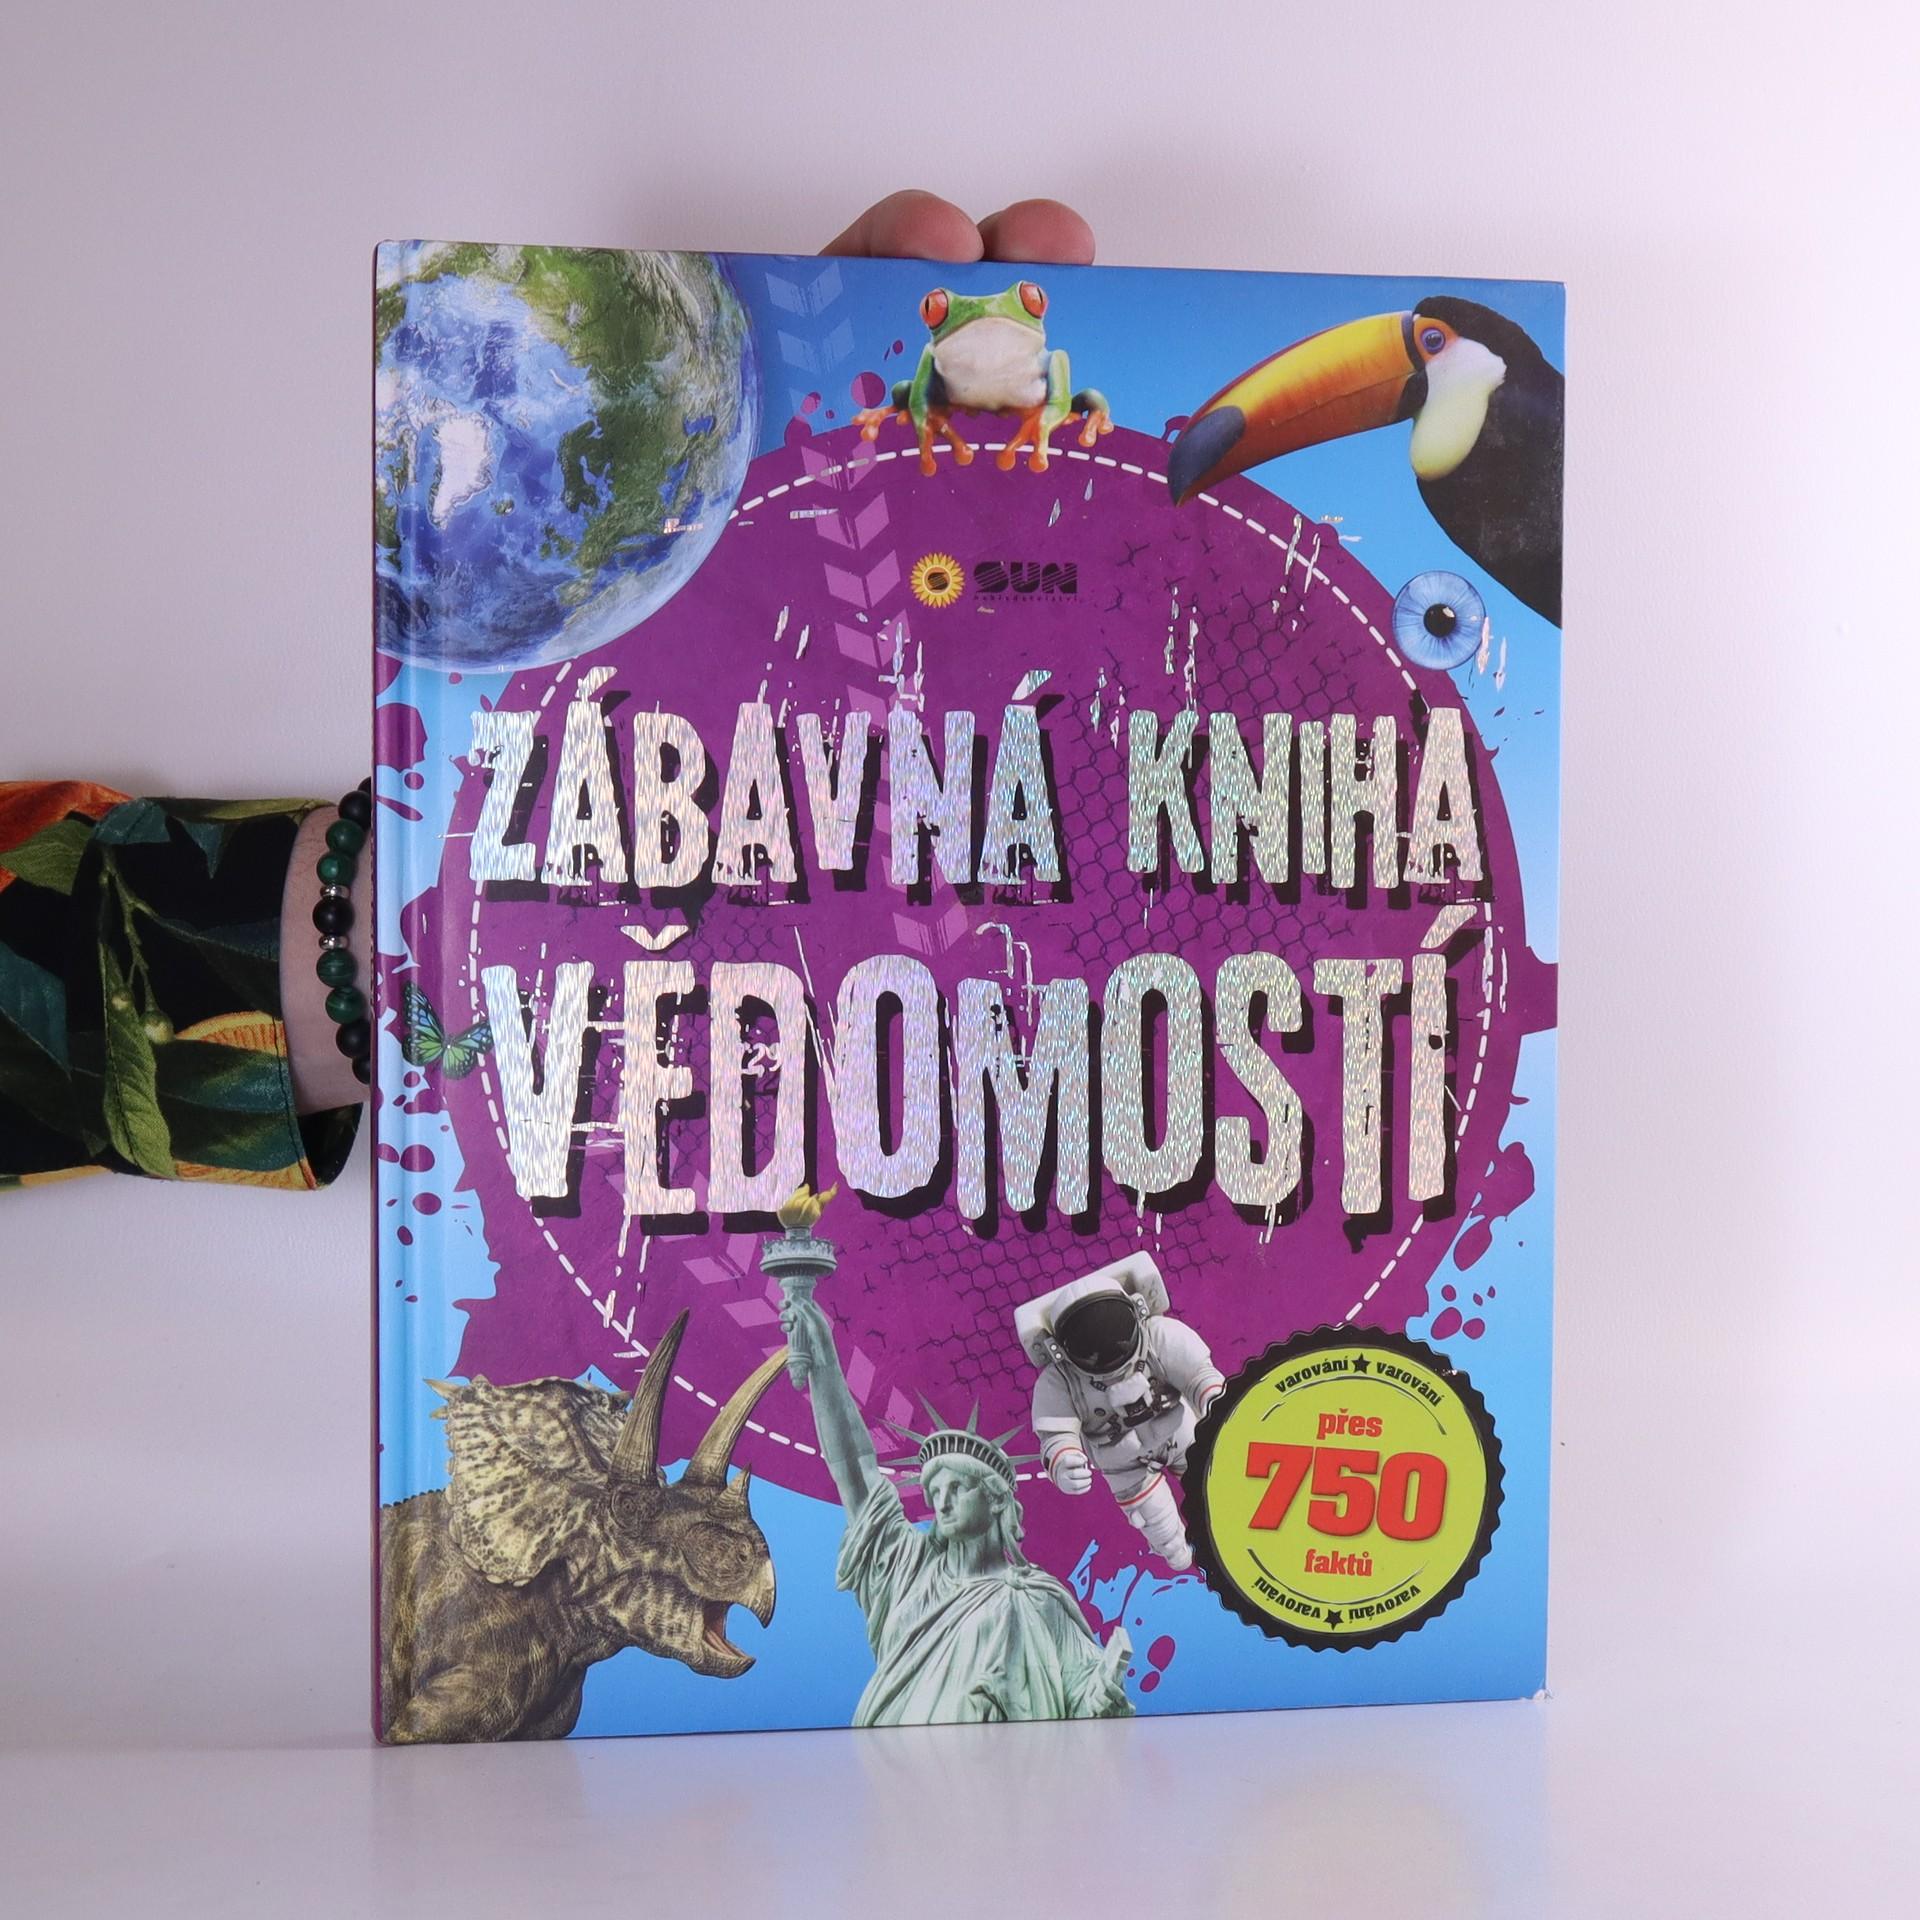 antikvární kniha Zábavná kniha vědomostí, 2016